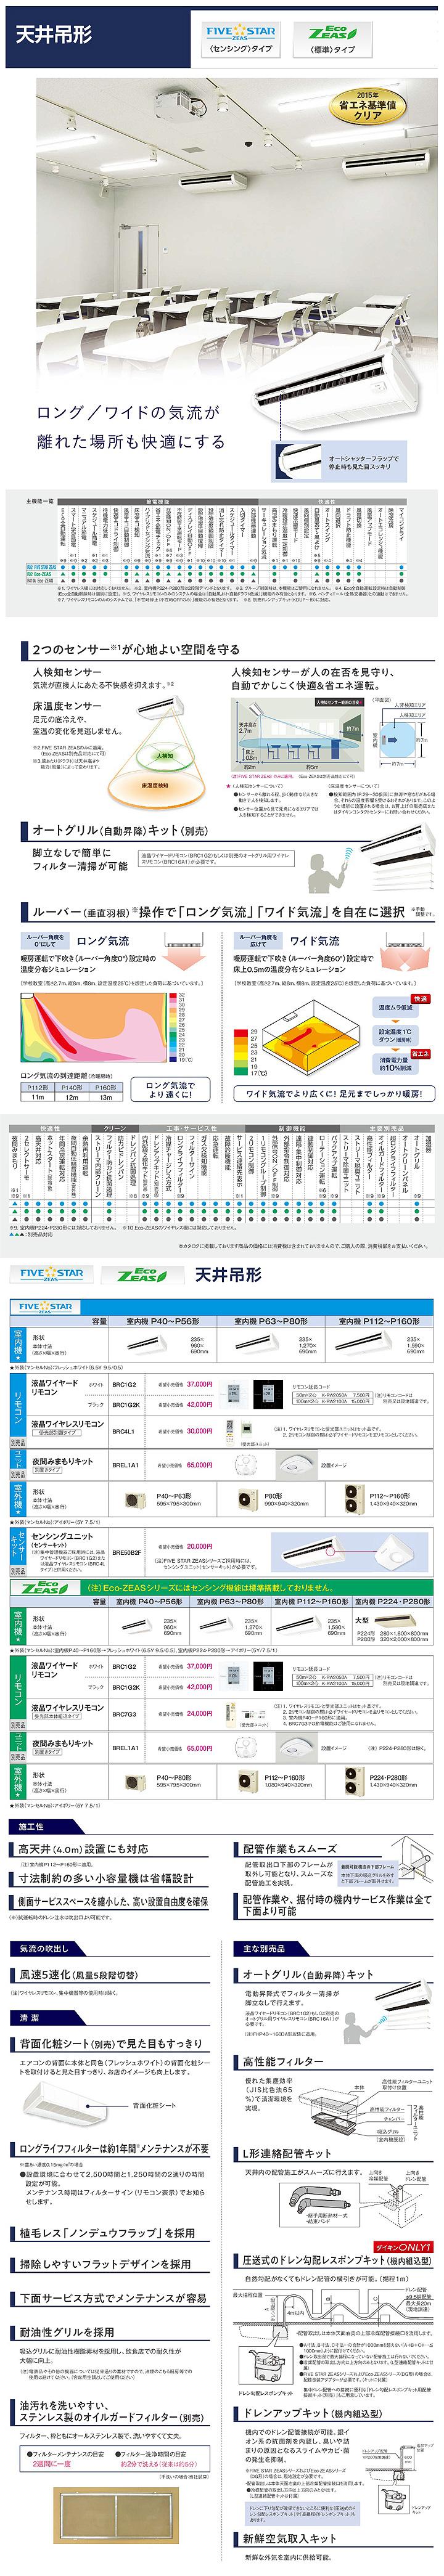 ダイキン SSRH80BCV 業務用エアコン